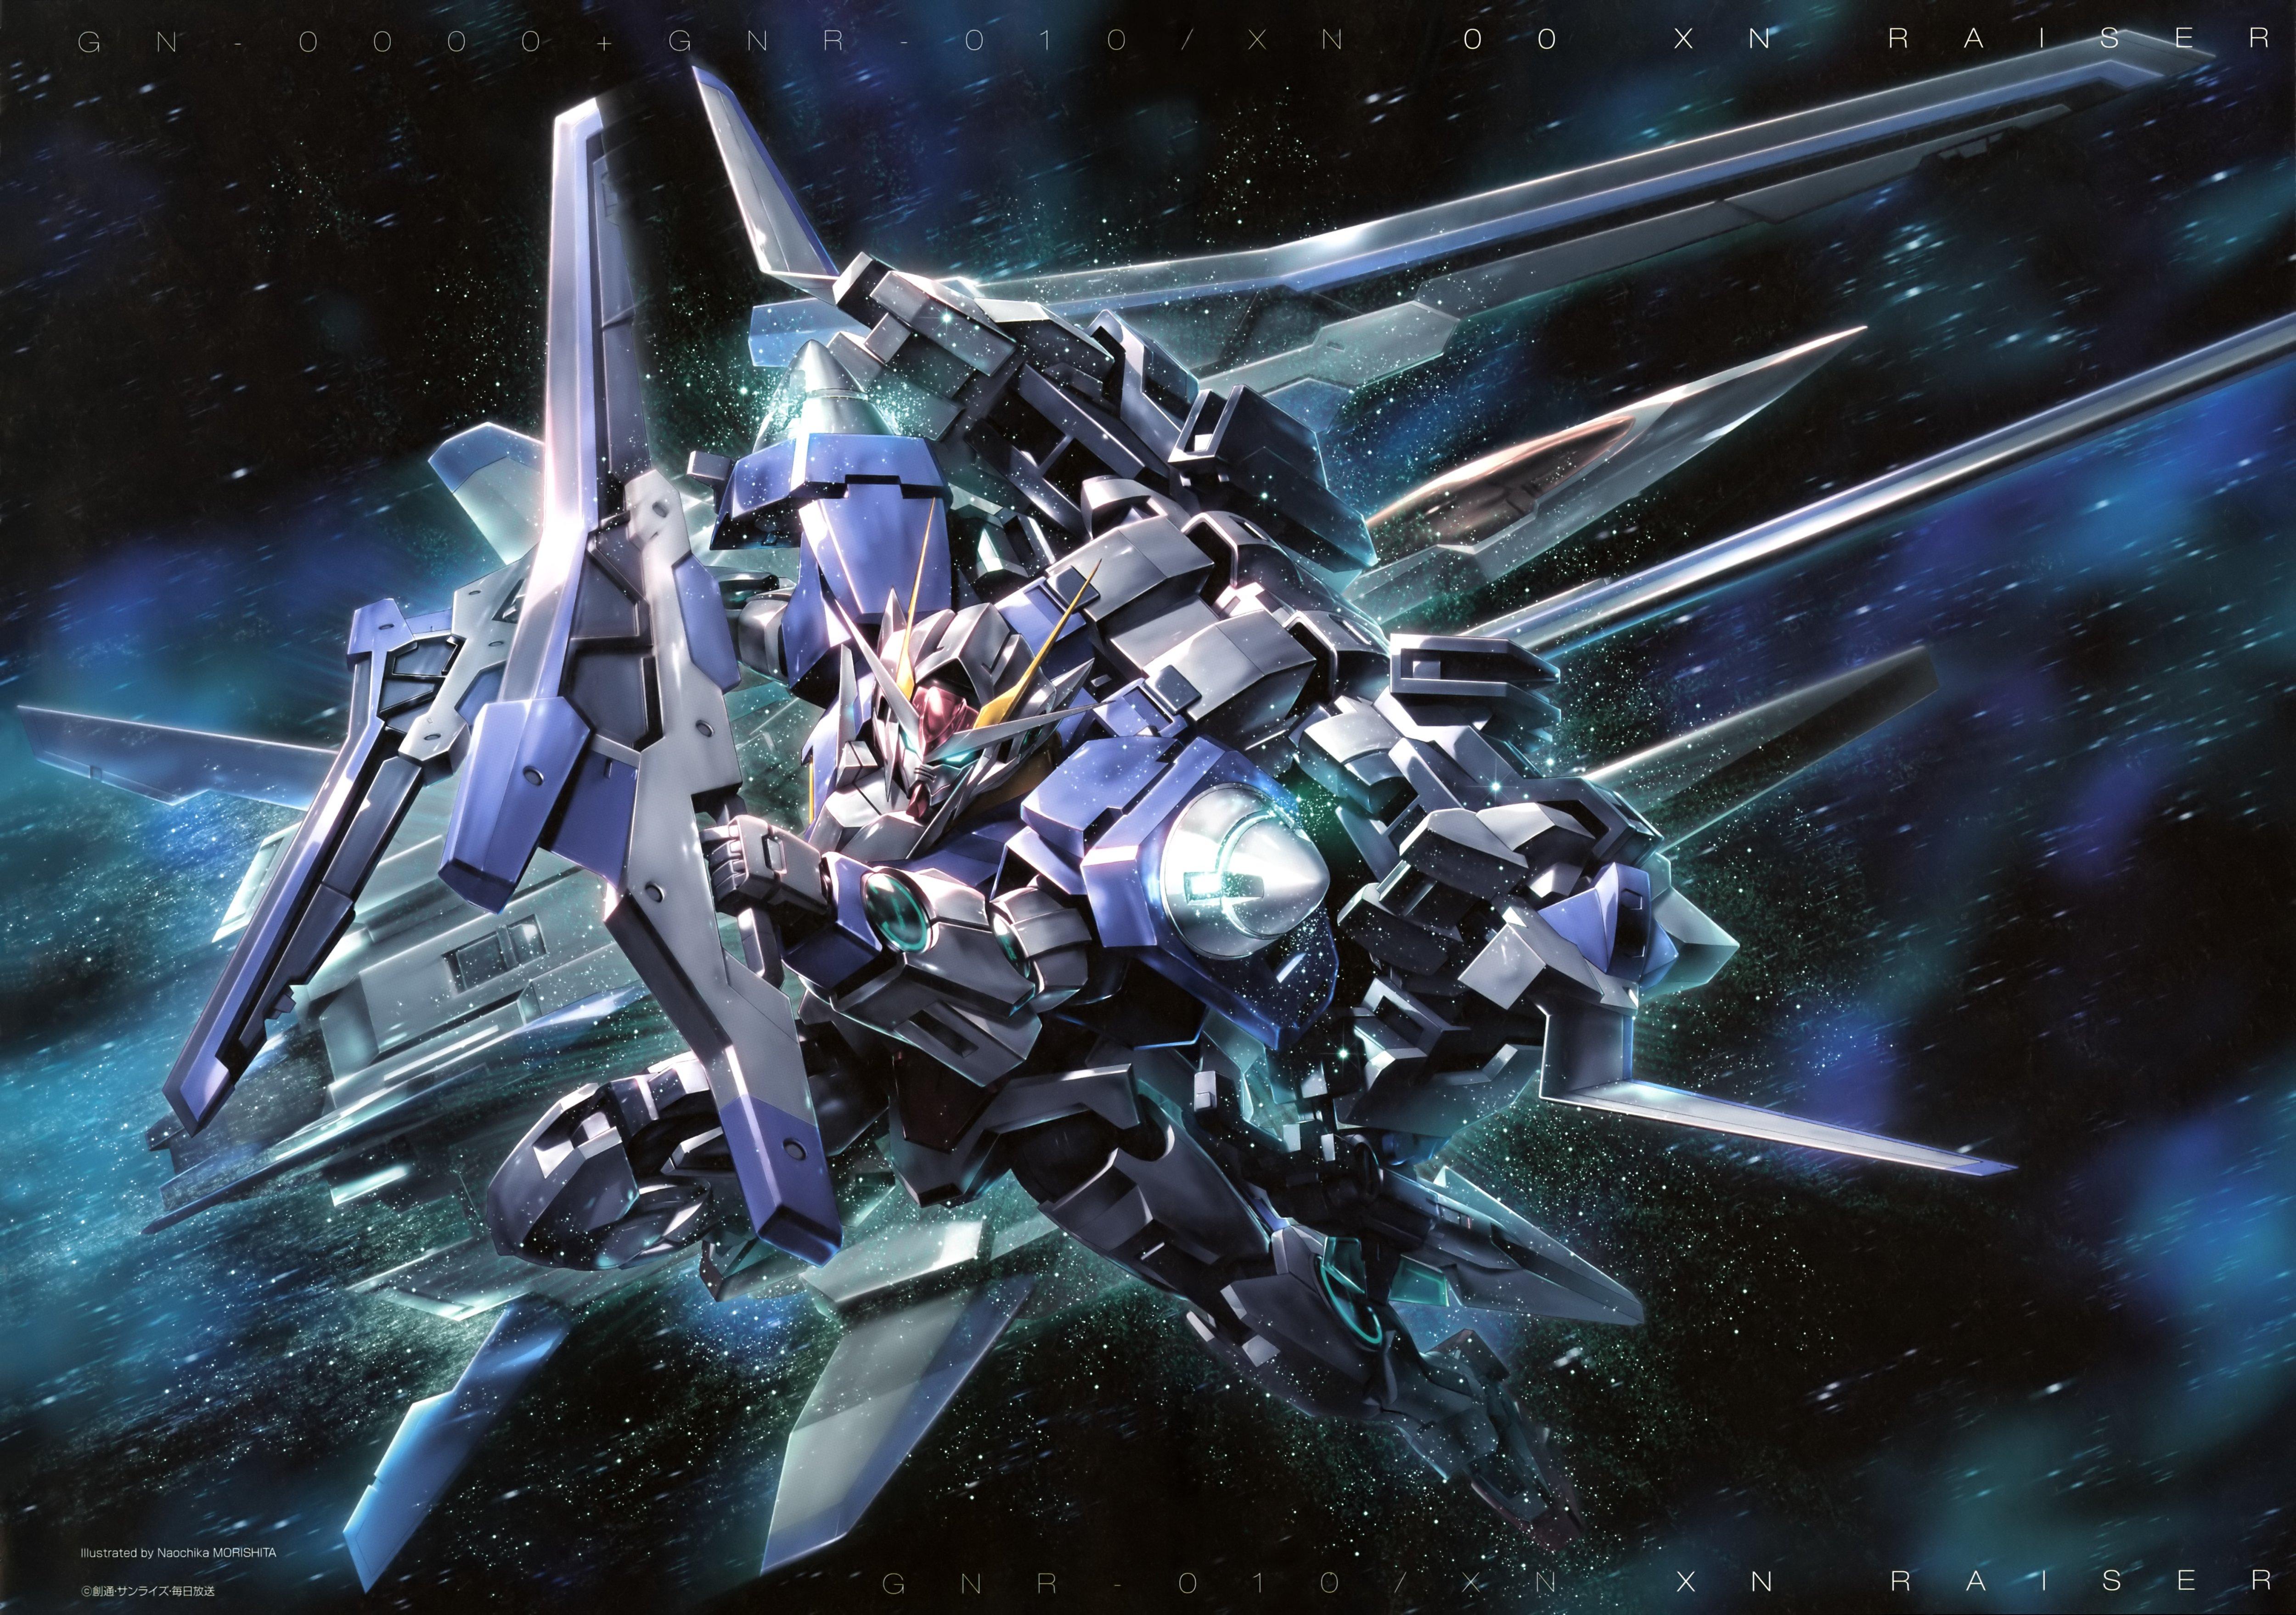 175 Gundam HD Wallpapers | Backgrounds - Wallpaper Abyss